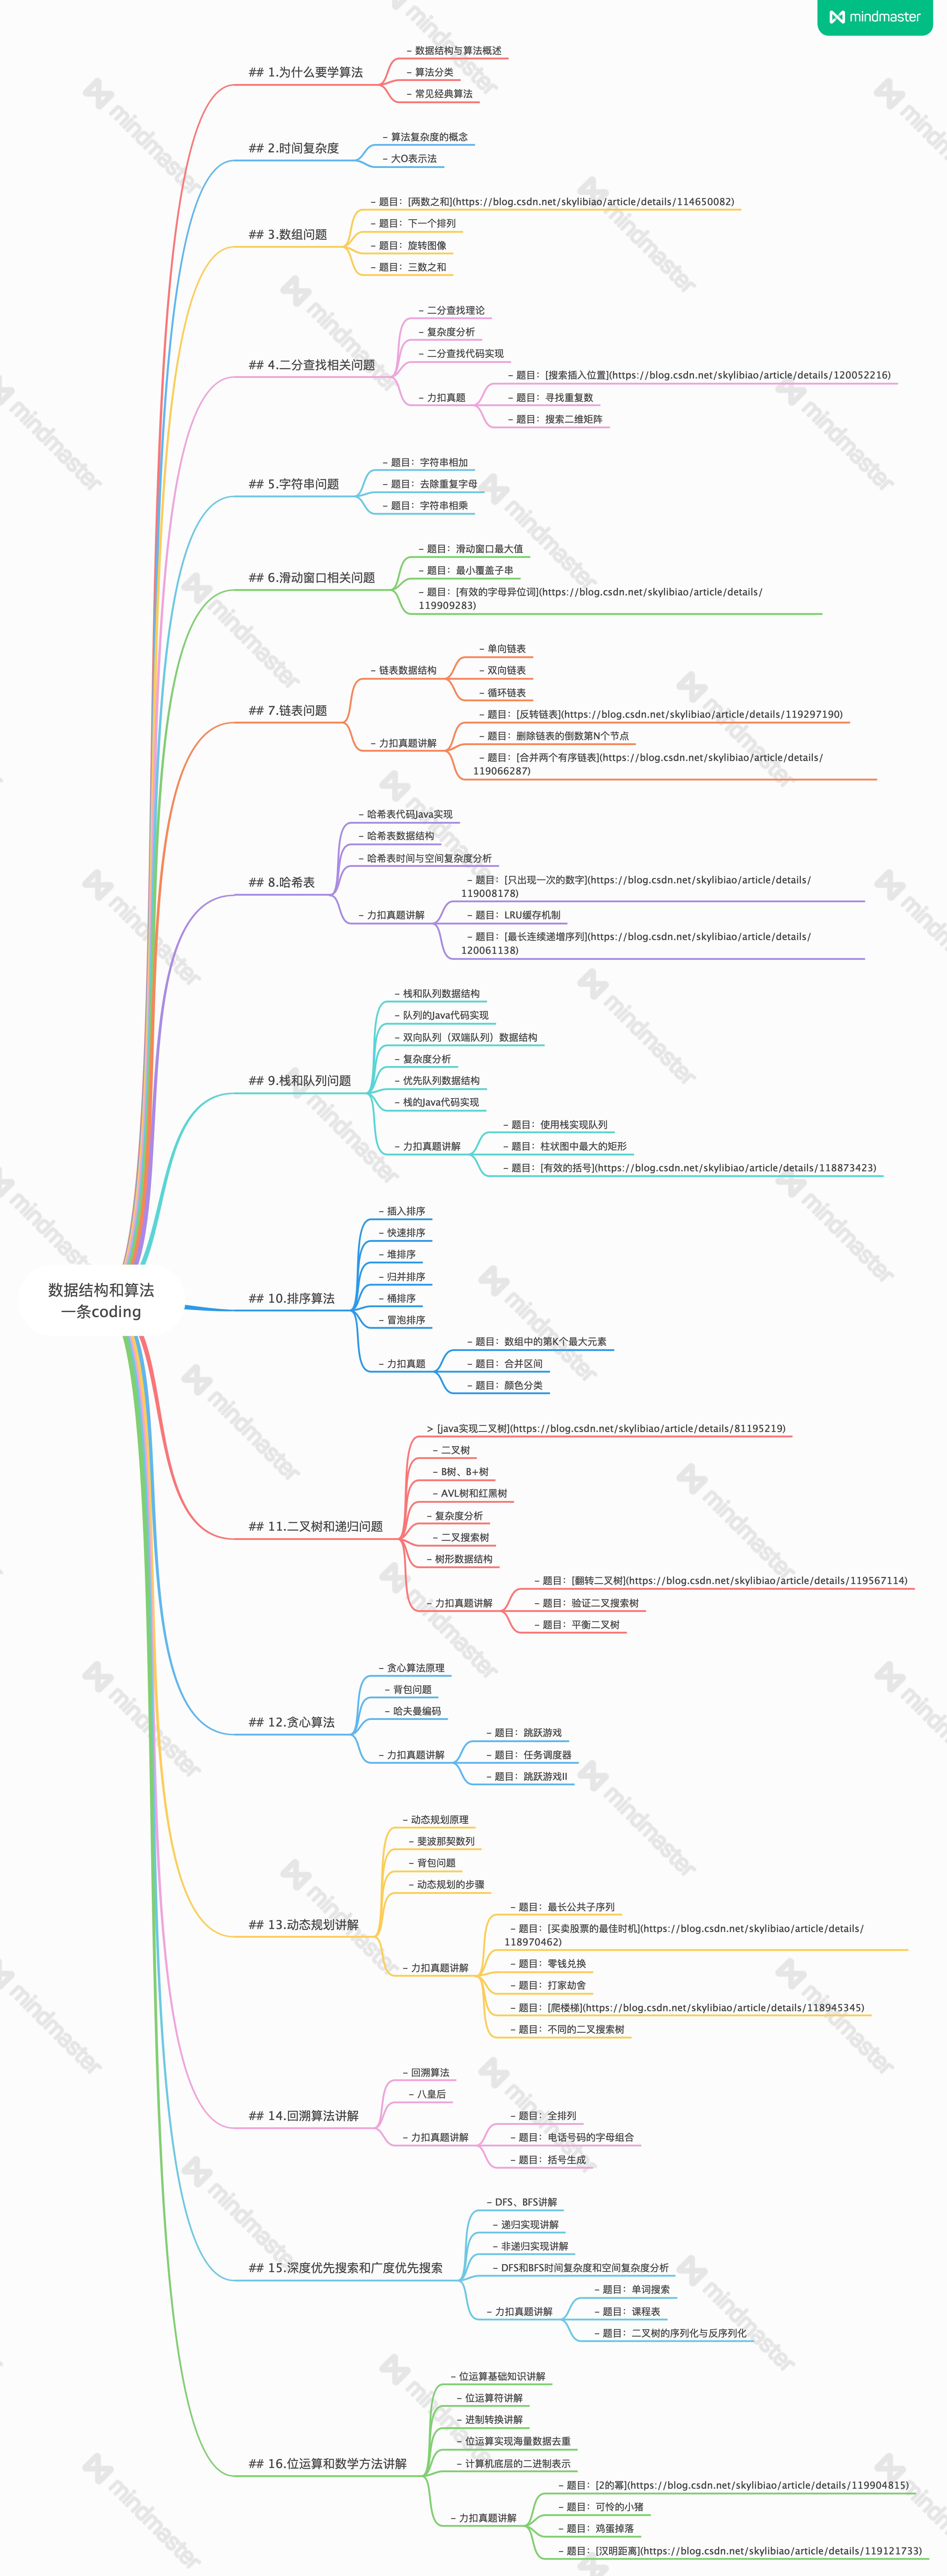 2021最全算法和数据结构学习路线——java大厂面试必备❤️持续更新,建议收藏_一条coding